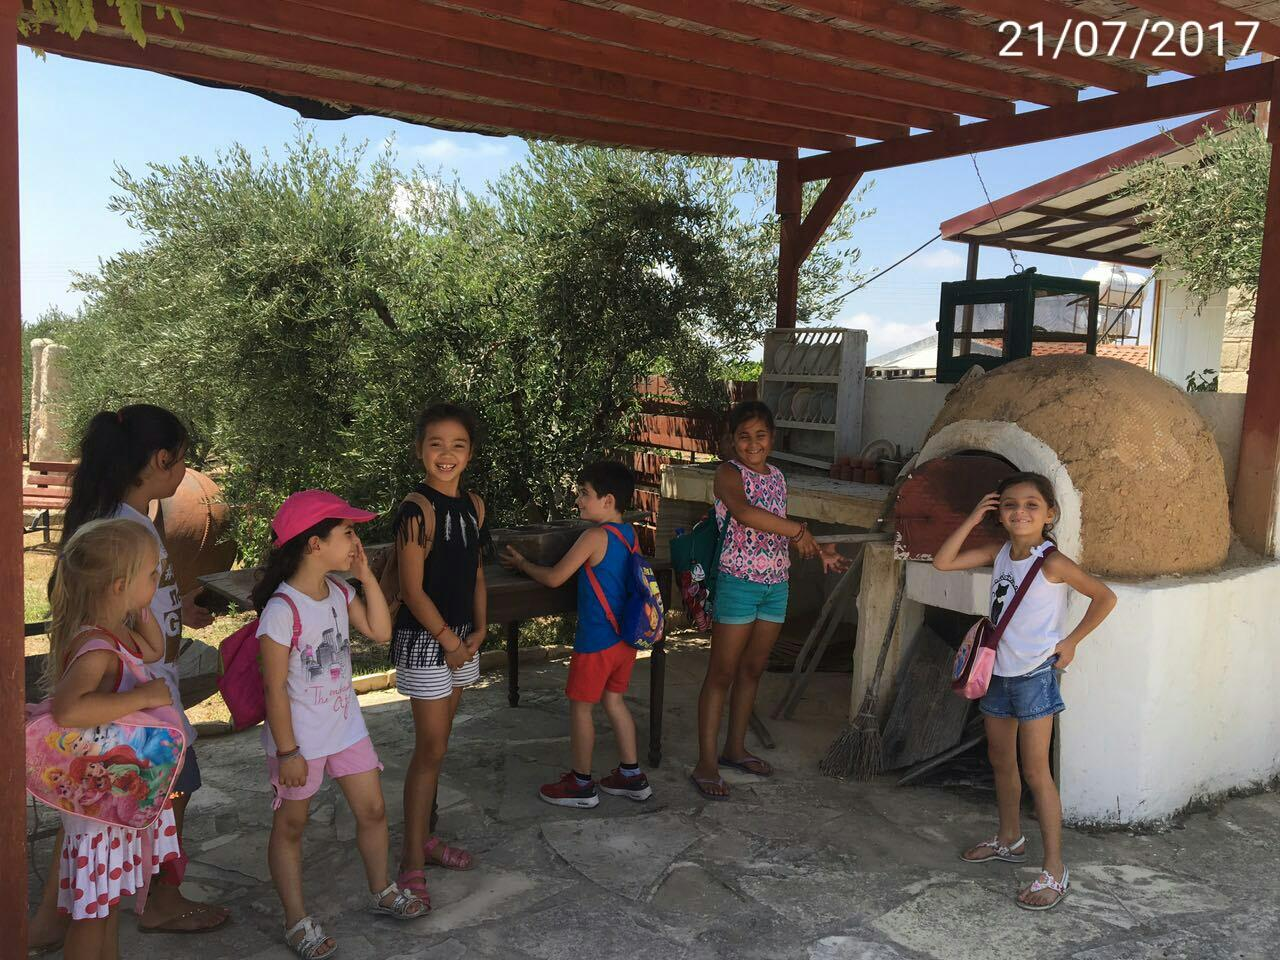 Kids' excursion – Παιδική εκπαιδευτική εκδρομή